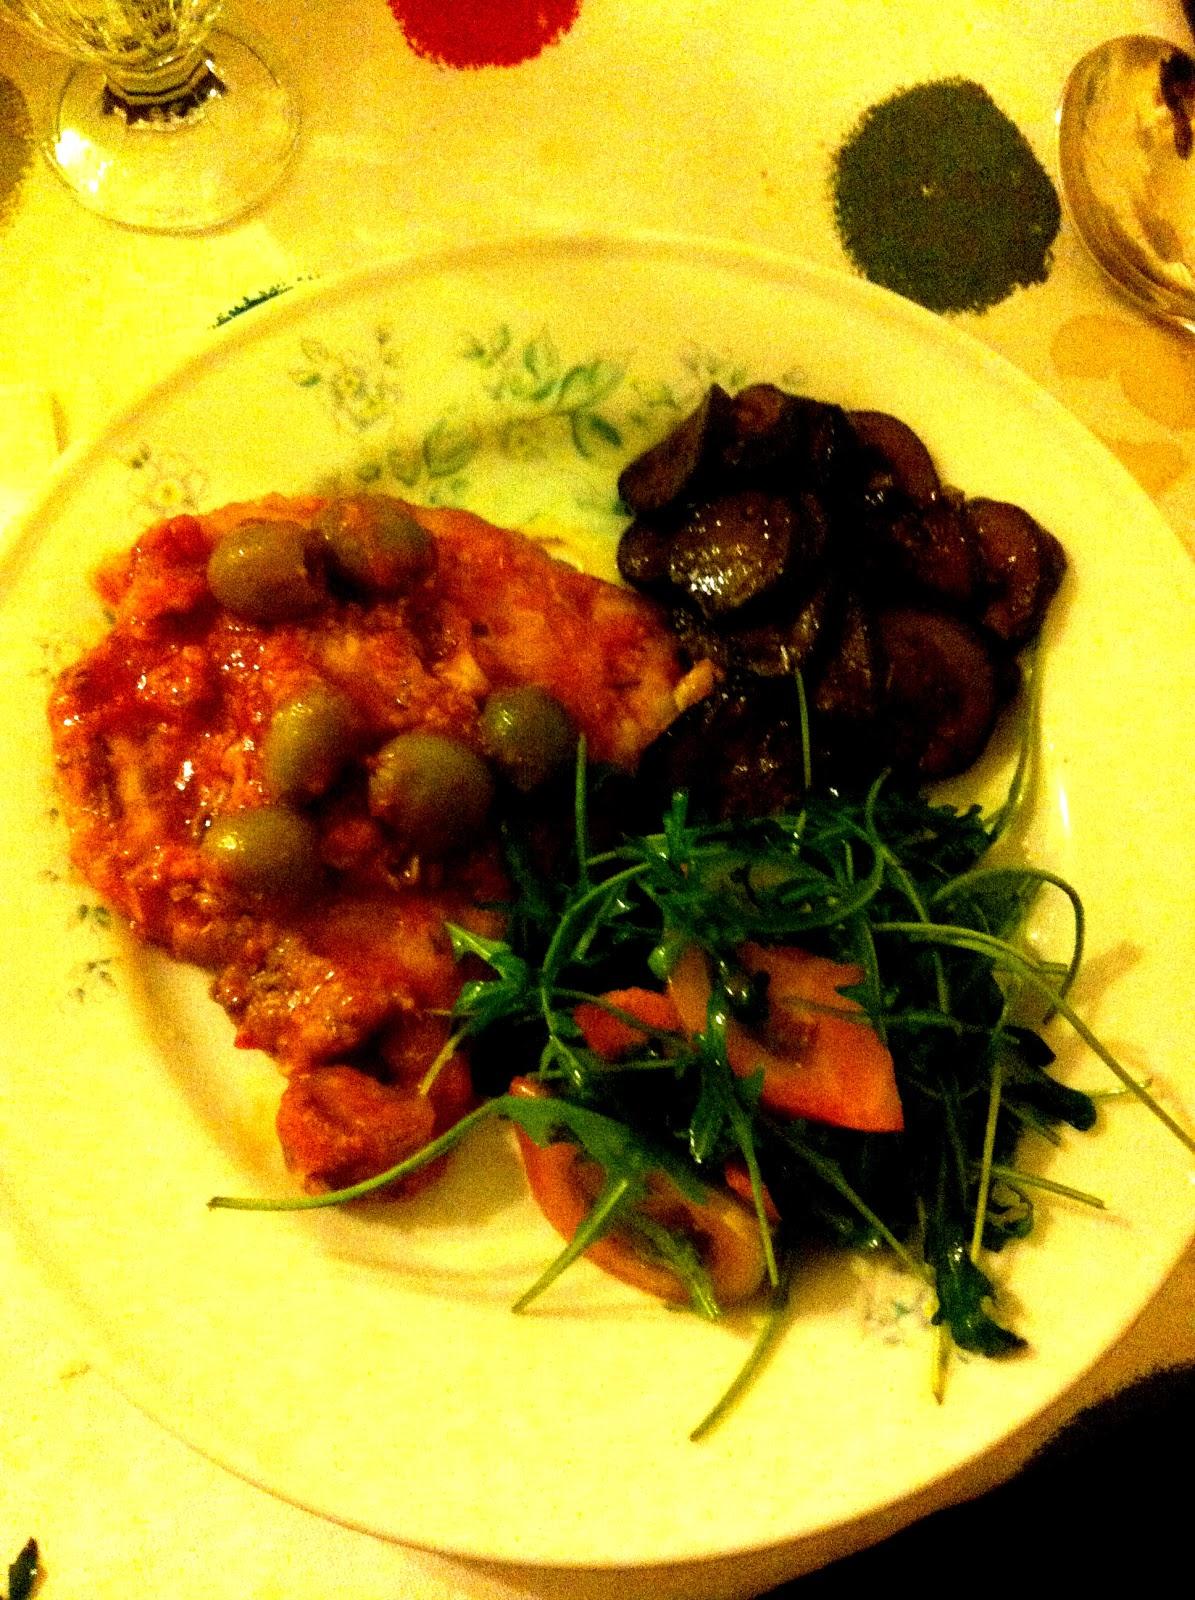 Cucinare con amore ricetta braciole di maiale alla contadina - Cucinare olive appena raccolte ...